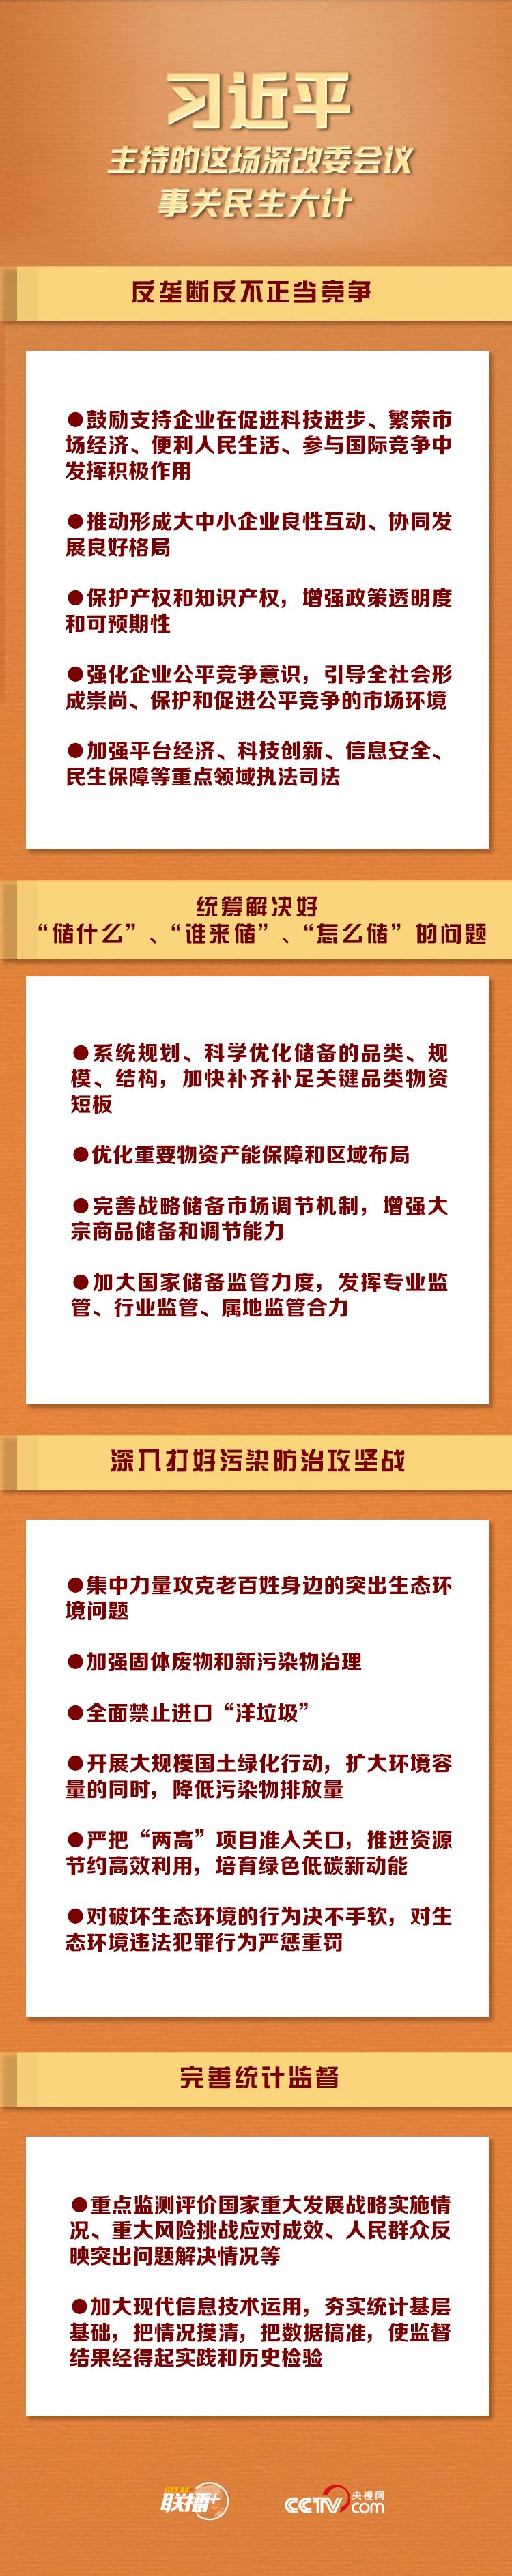 联播+丨习近平主持的这场深改委会议 事关民生大计